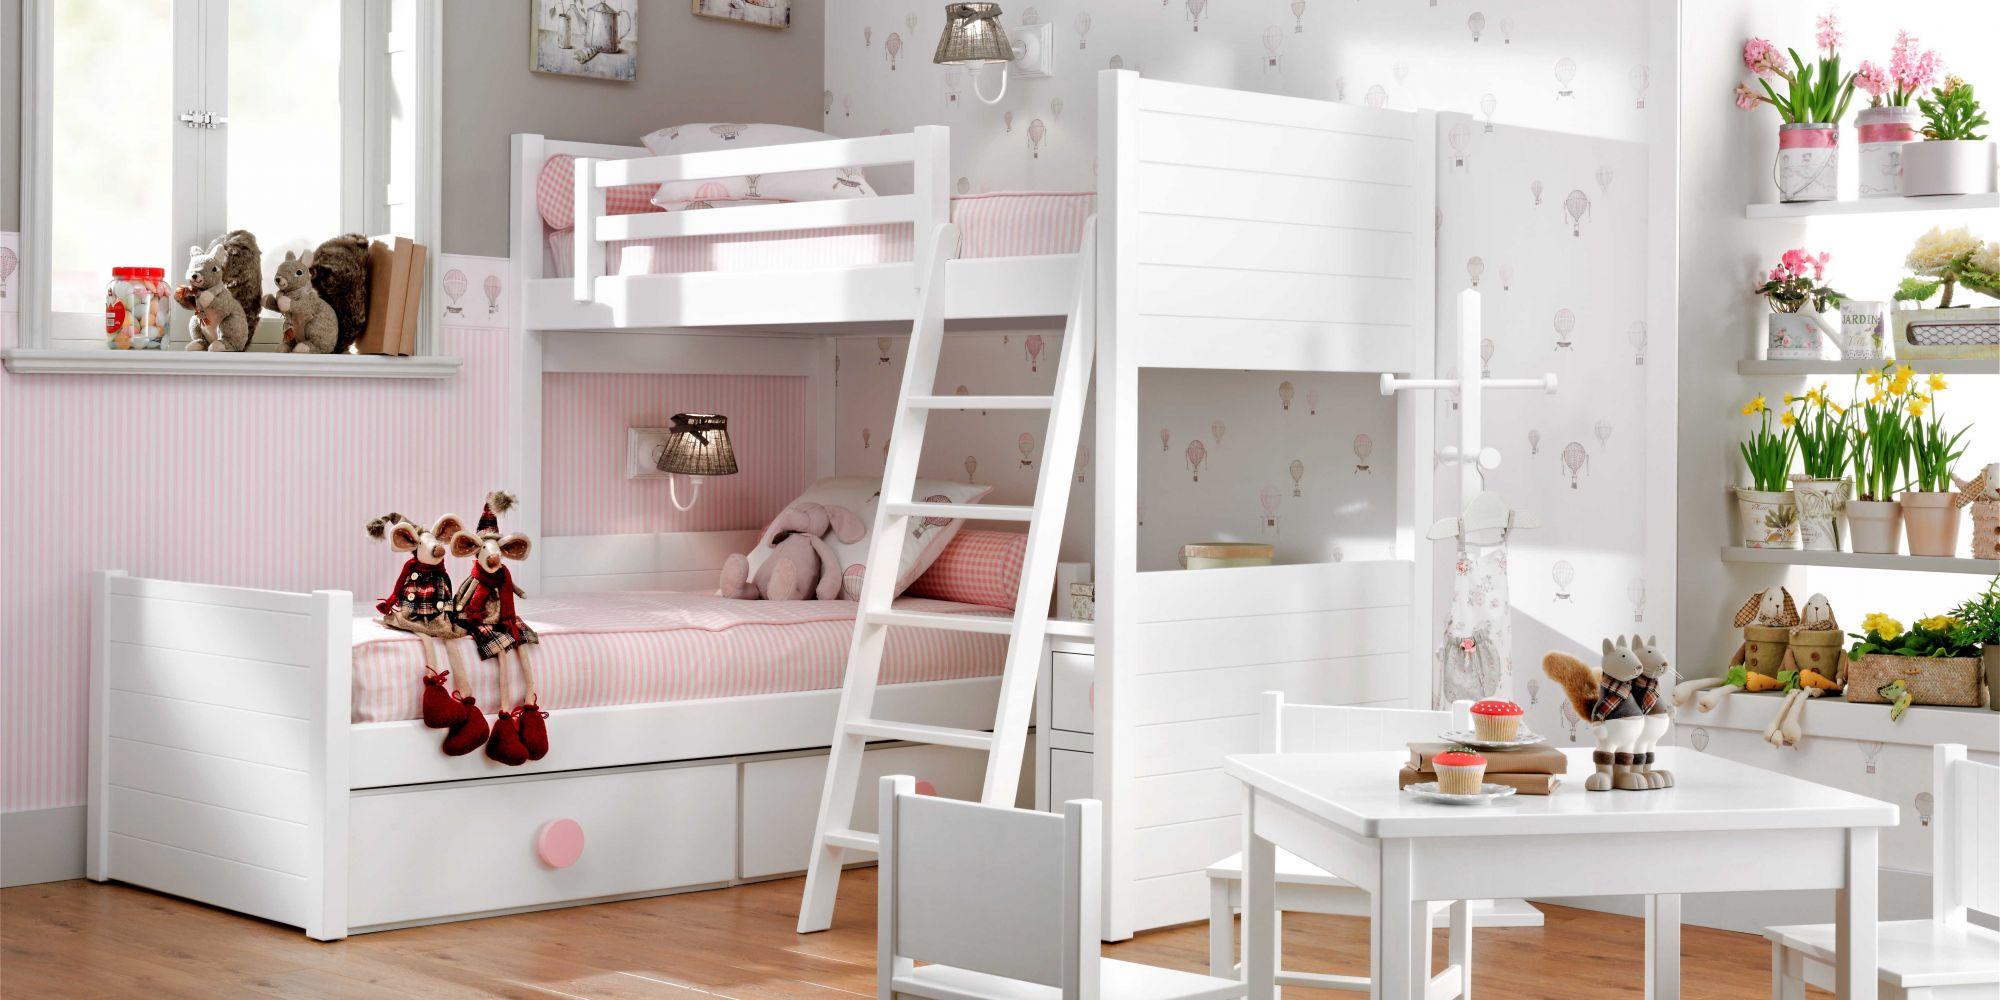 Habitación infantil con litera de dos camas, cajones y mesita